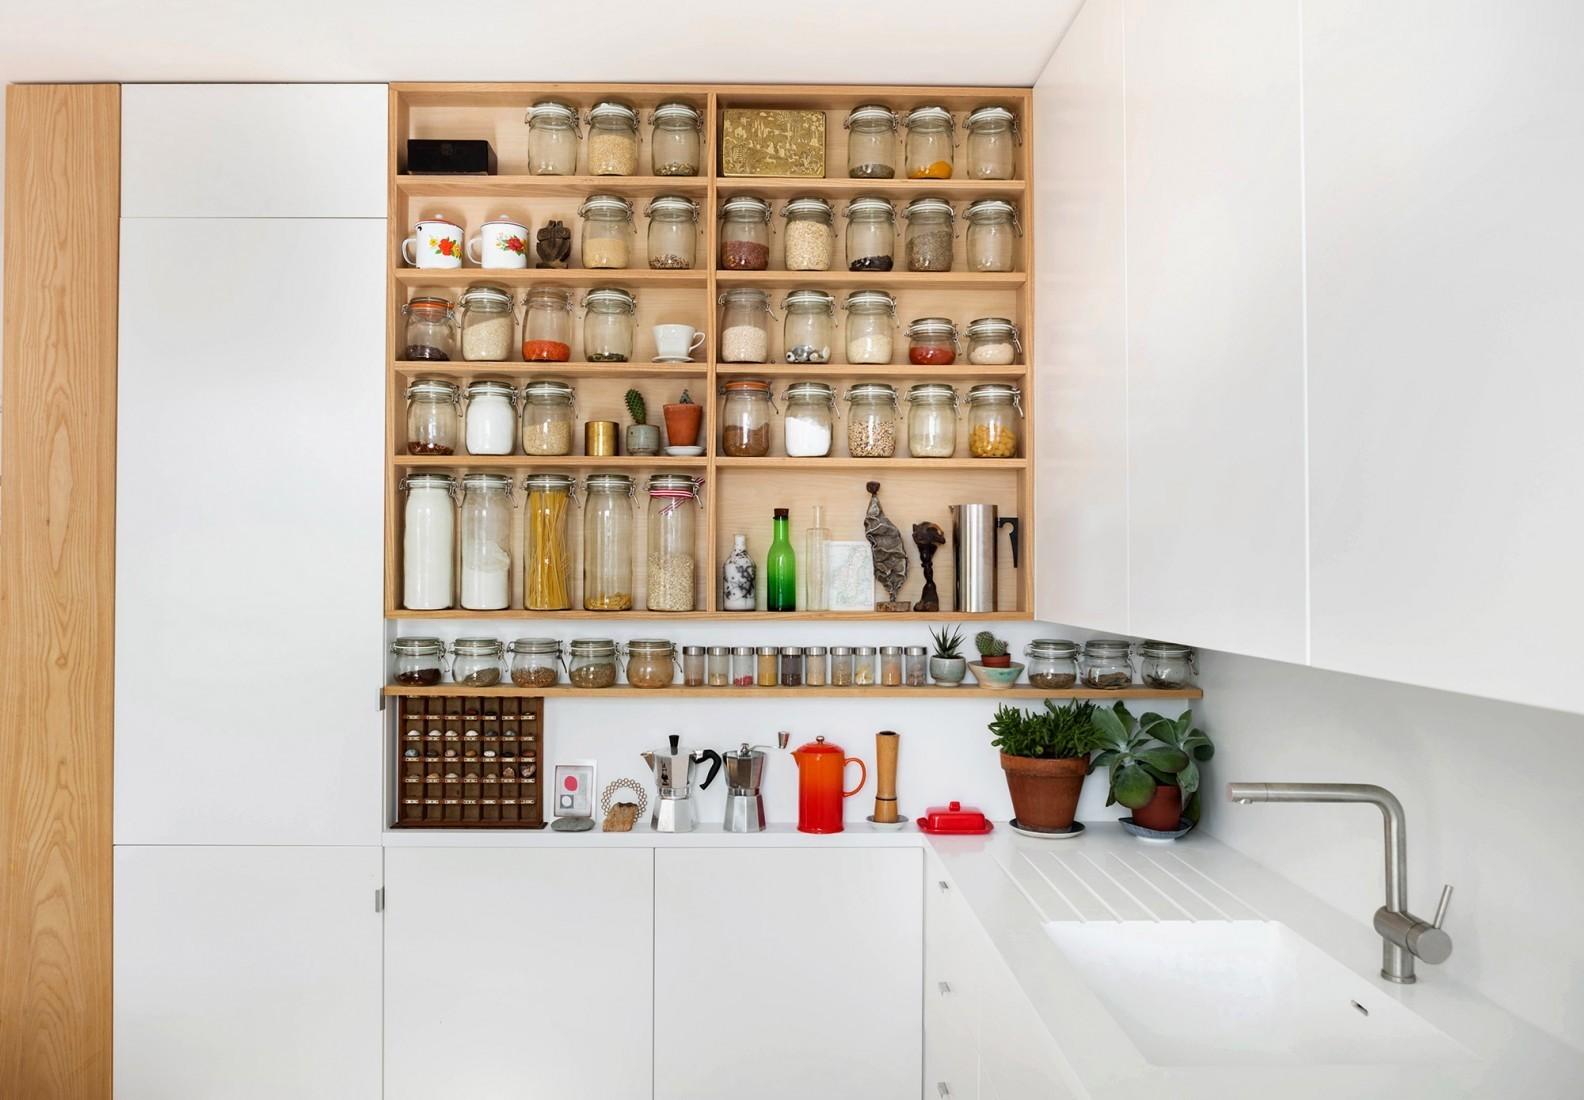 tsveten-i-funktsionalen-interior-za-malak-semeen-apartament-45-m-5g